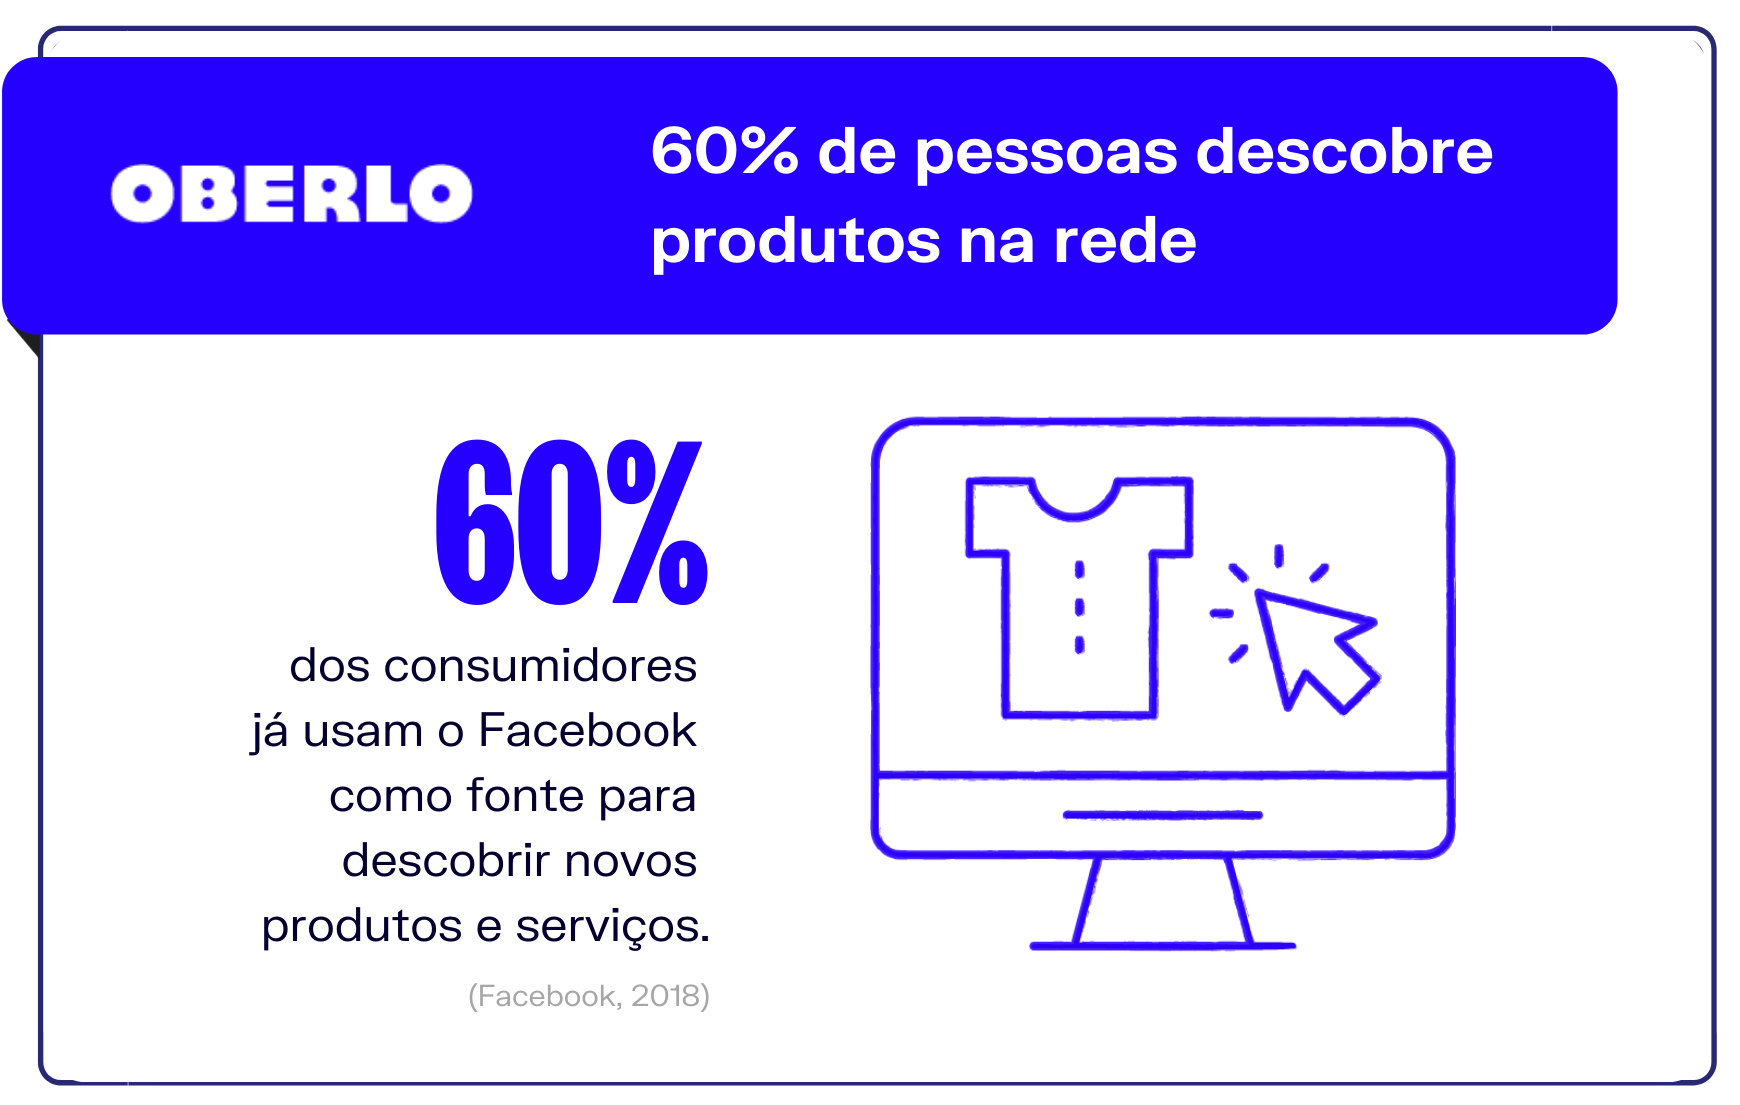 Vender no Facebook: 60% de pessoas descobre produtos na rede